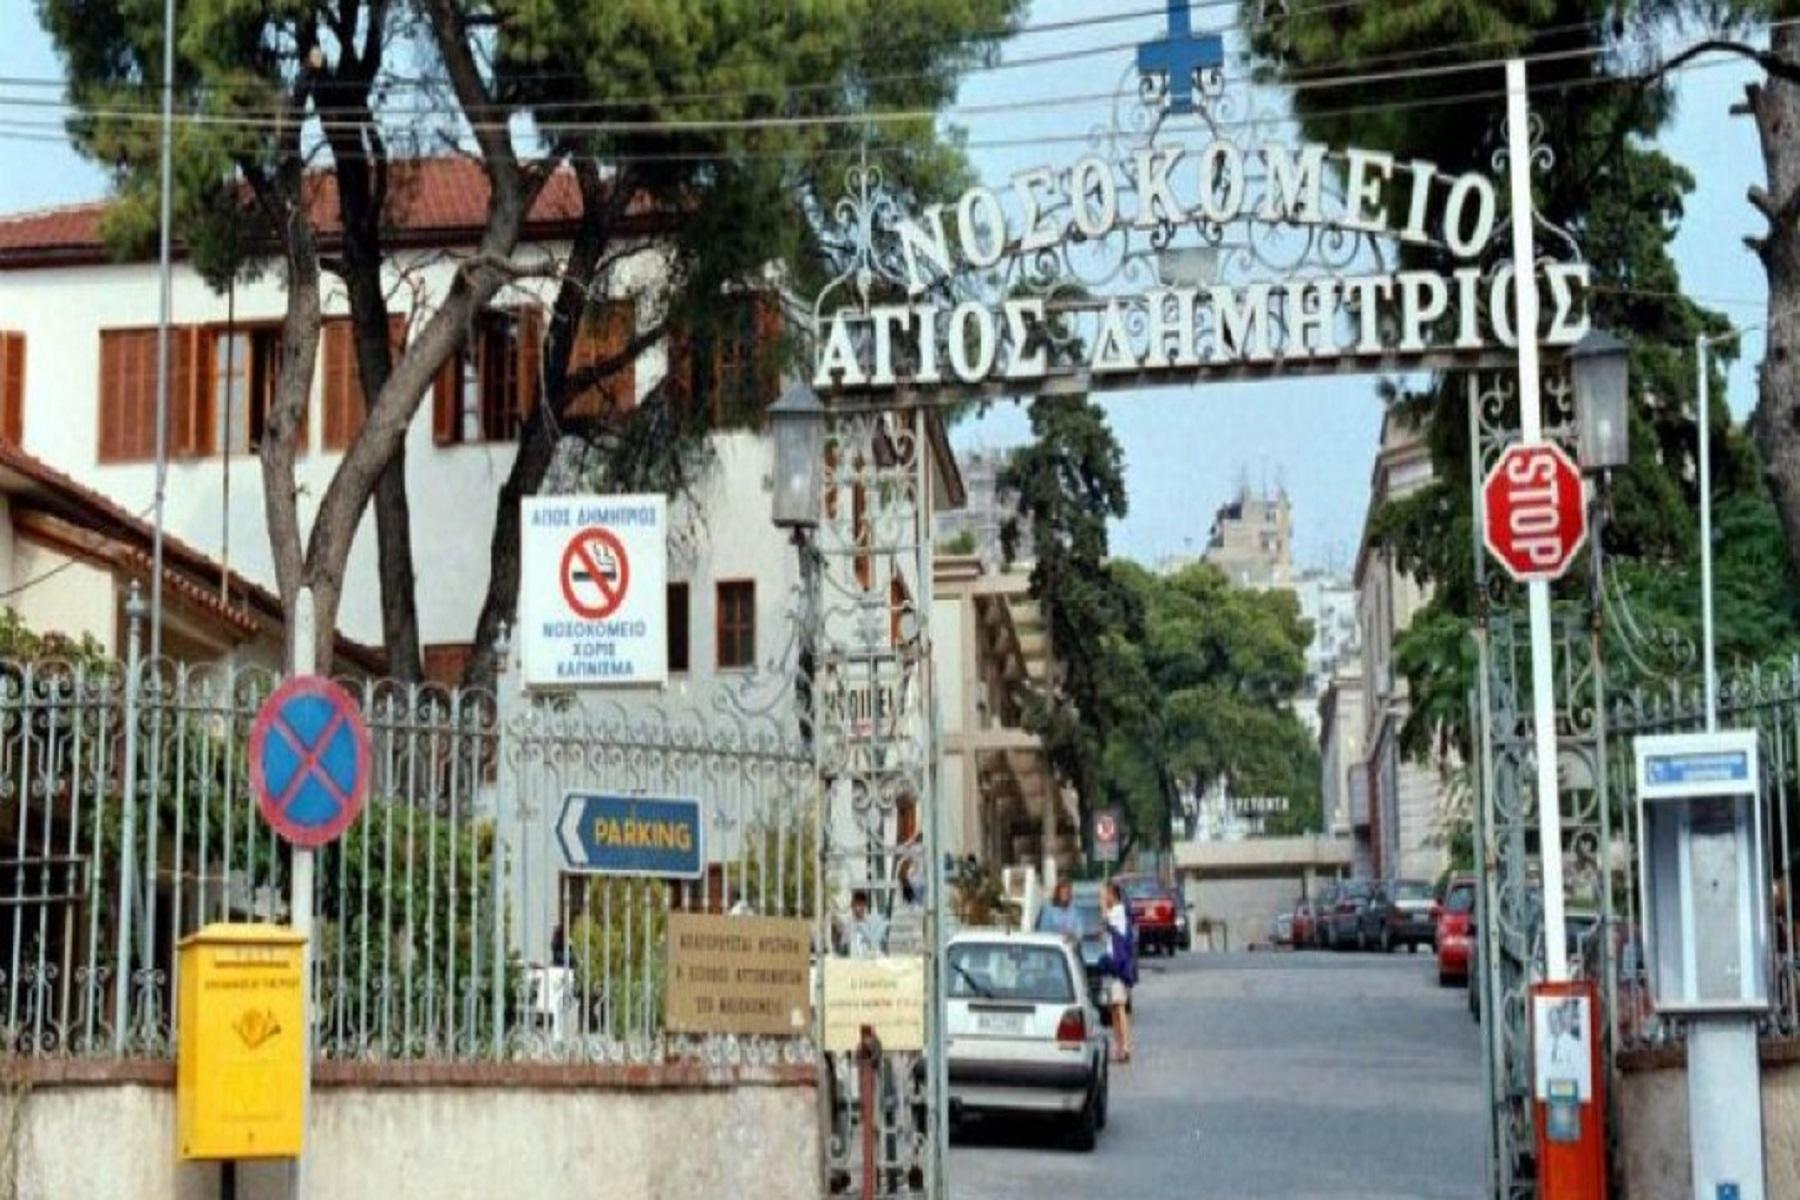 Νοσοκομείο Θεσσαλονίκη: Απάντηση Διοικήτριας σε καταγγελία εργαζομένων